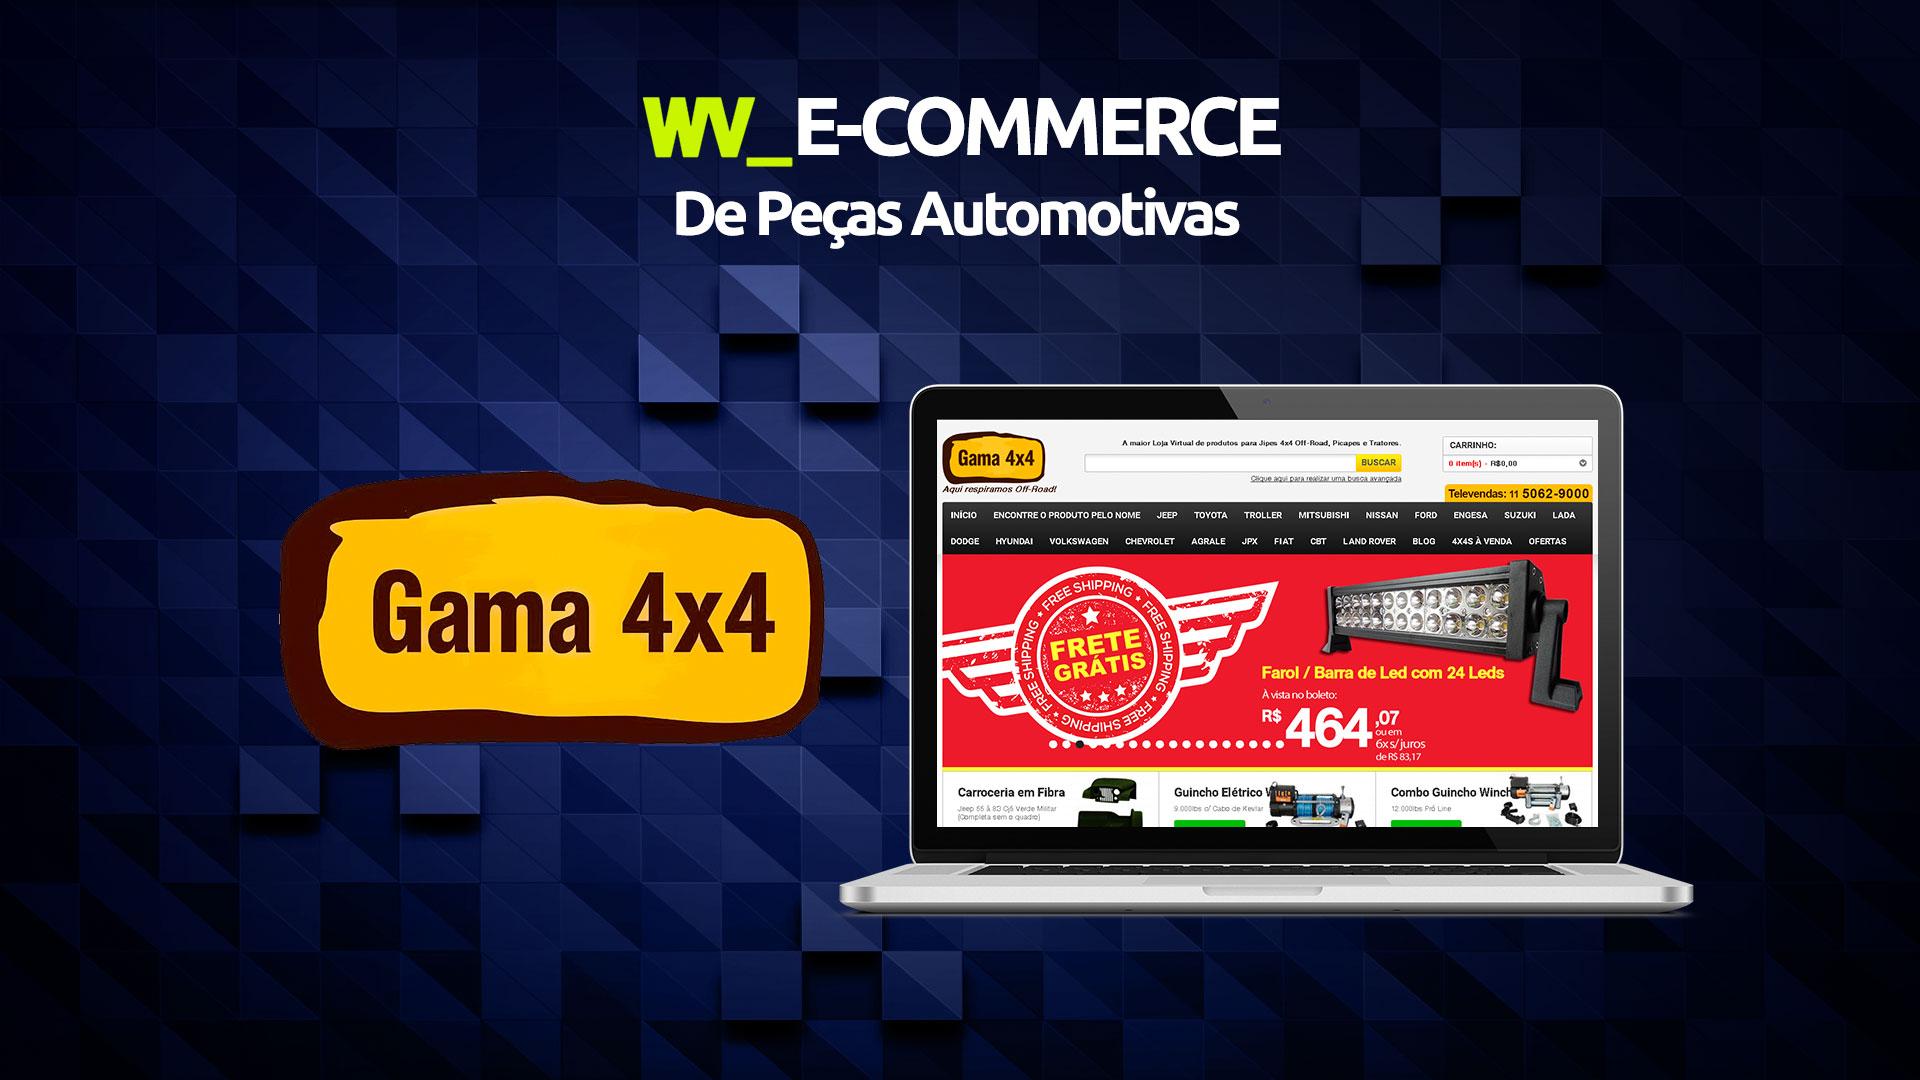 WV-Todoz-E-Commerce-de-Peças-Automotivas-Gama4x4